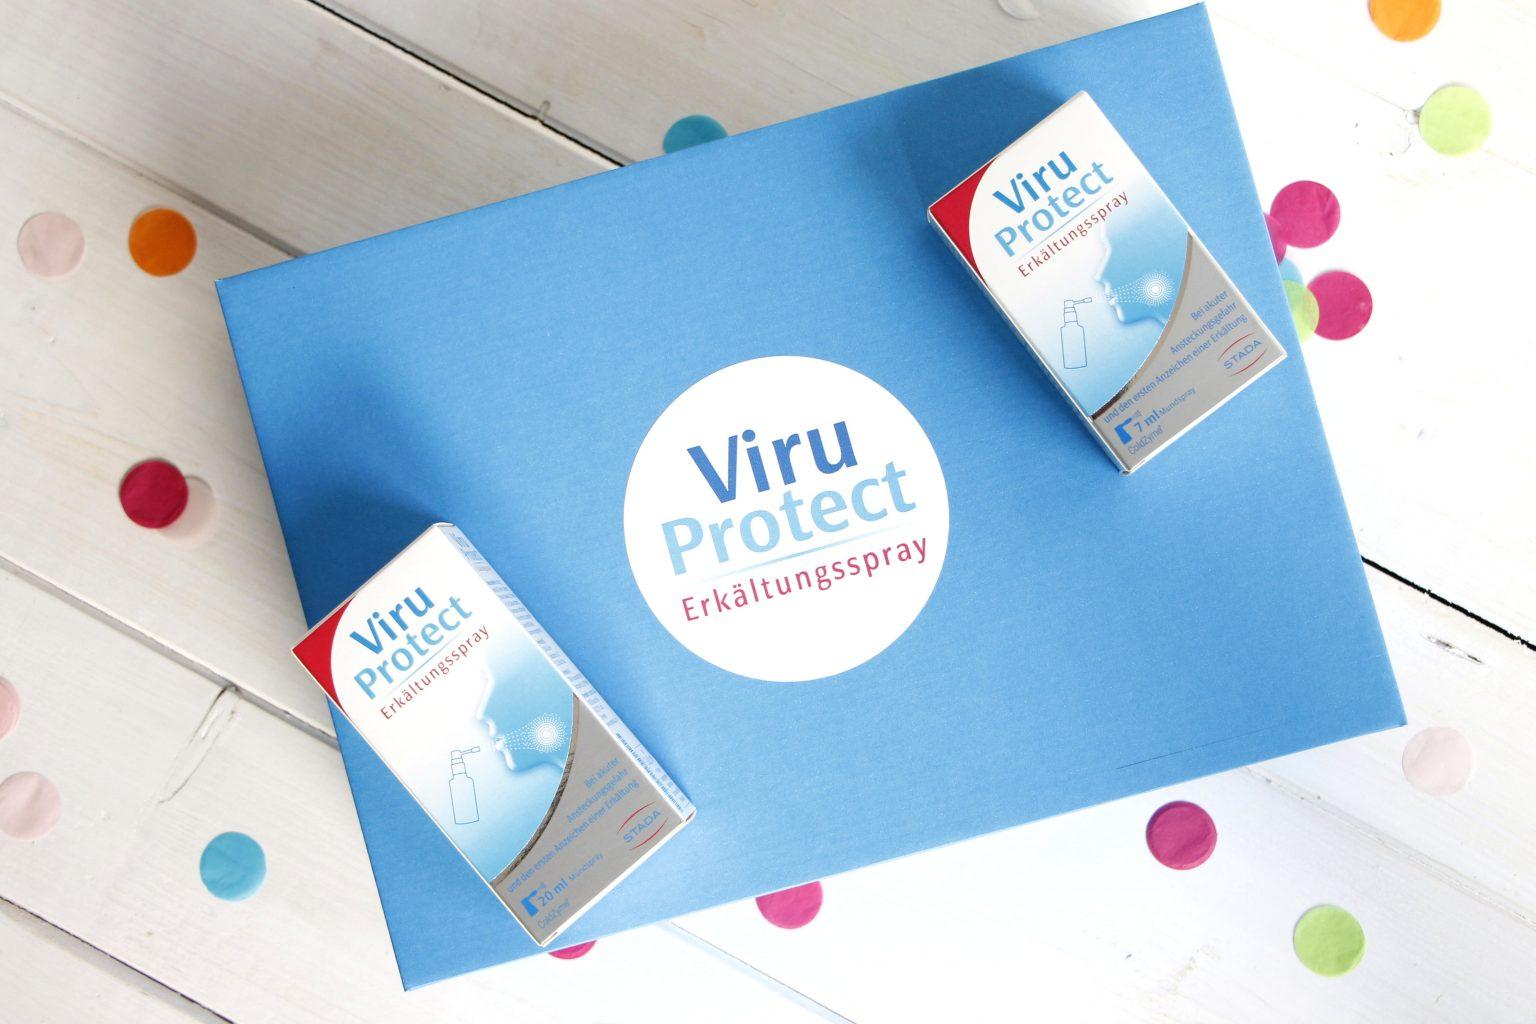 Erkältungsspray ViruProtect Erfahrungen